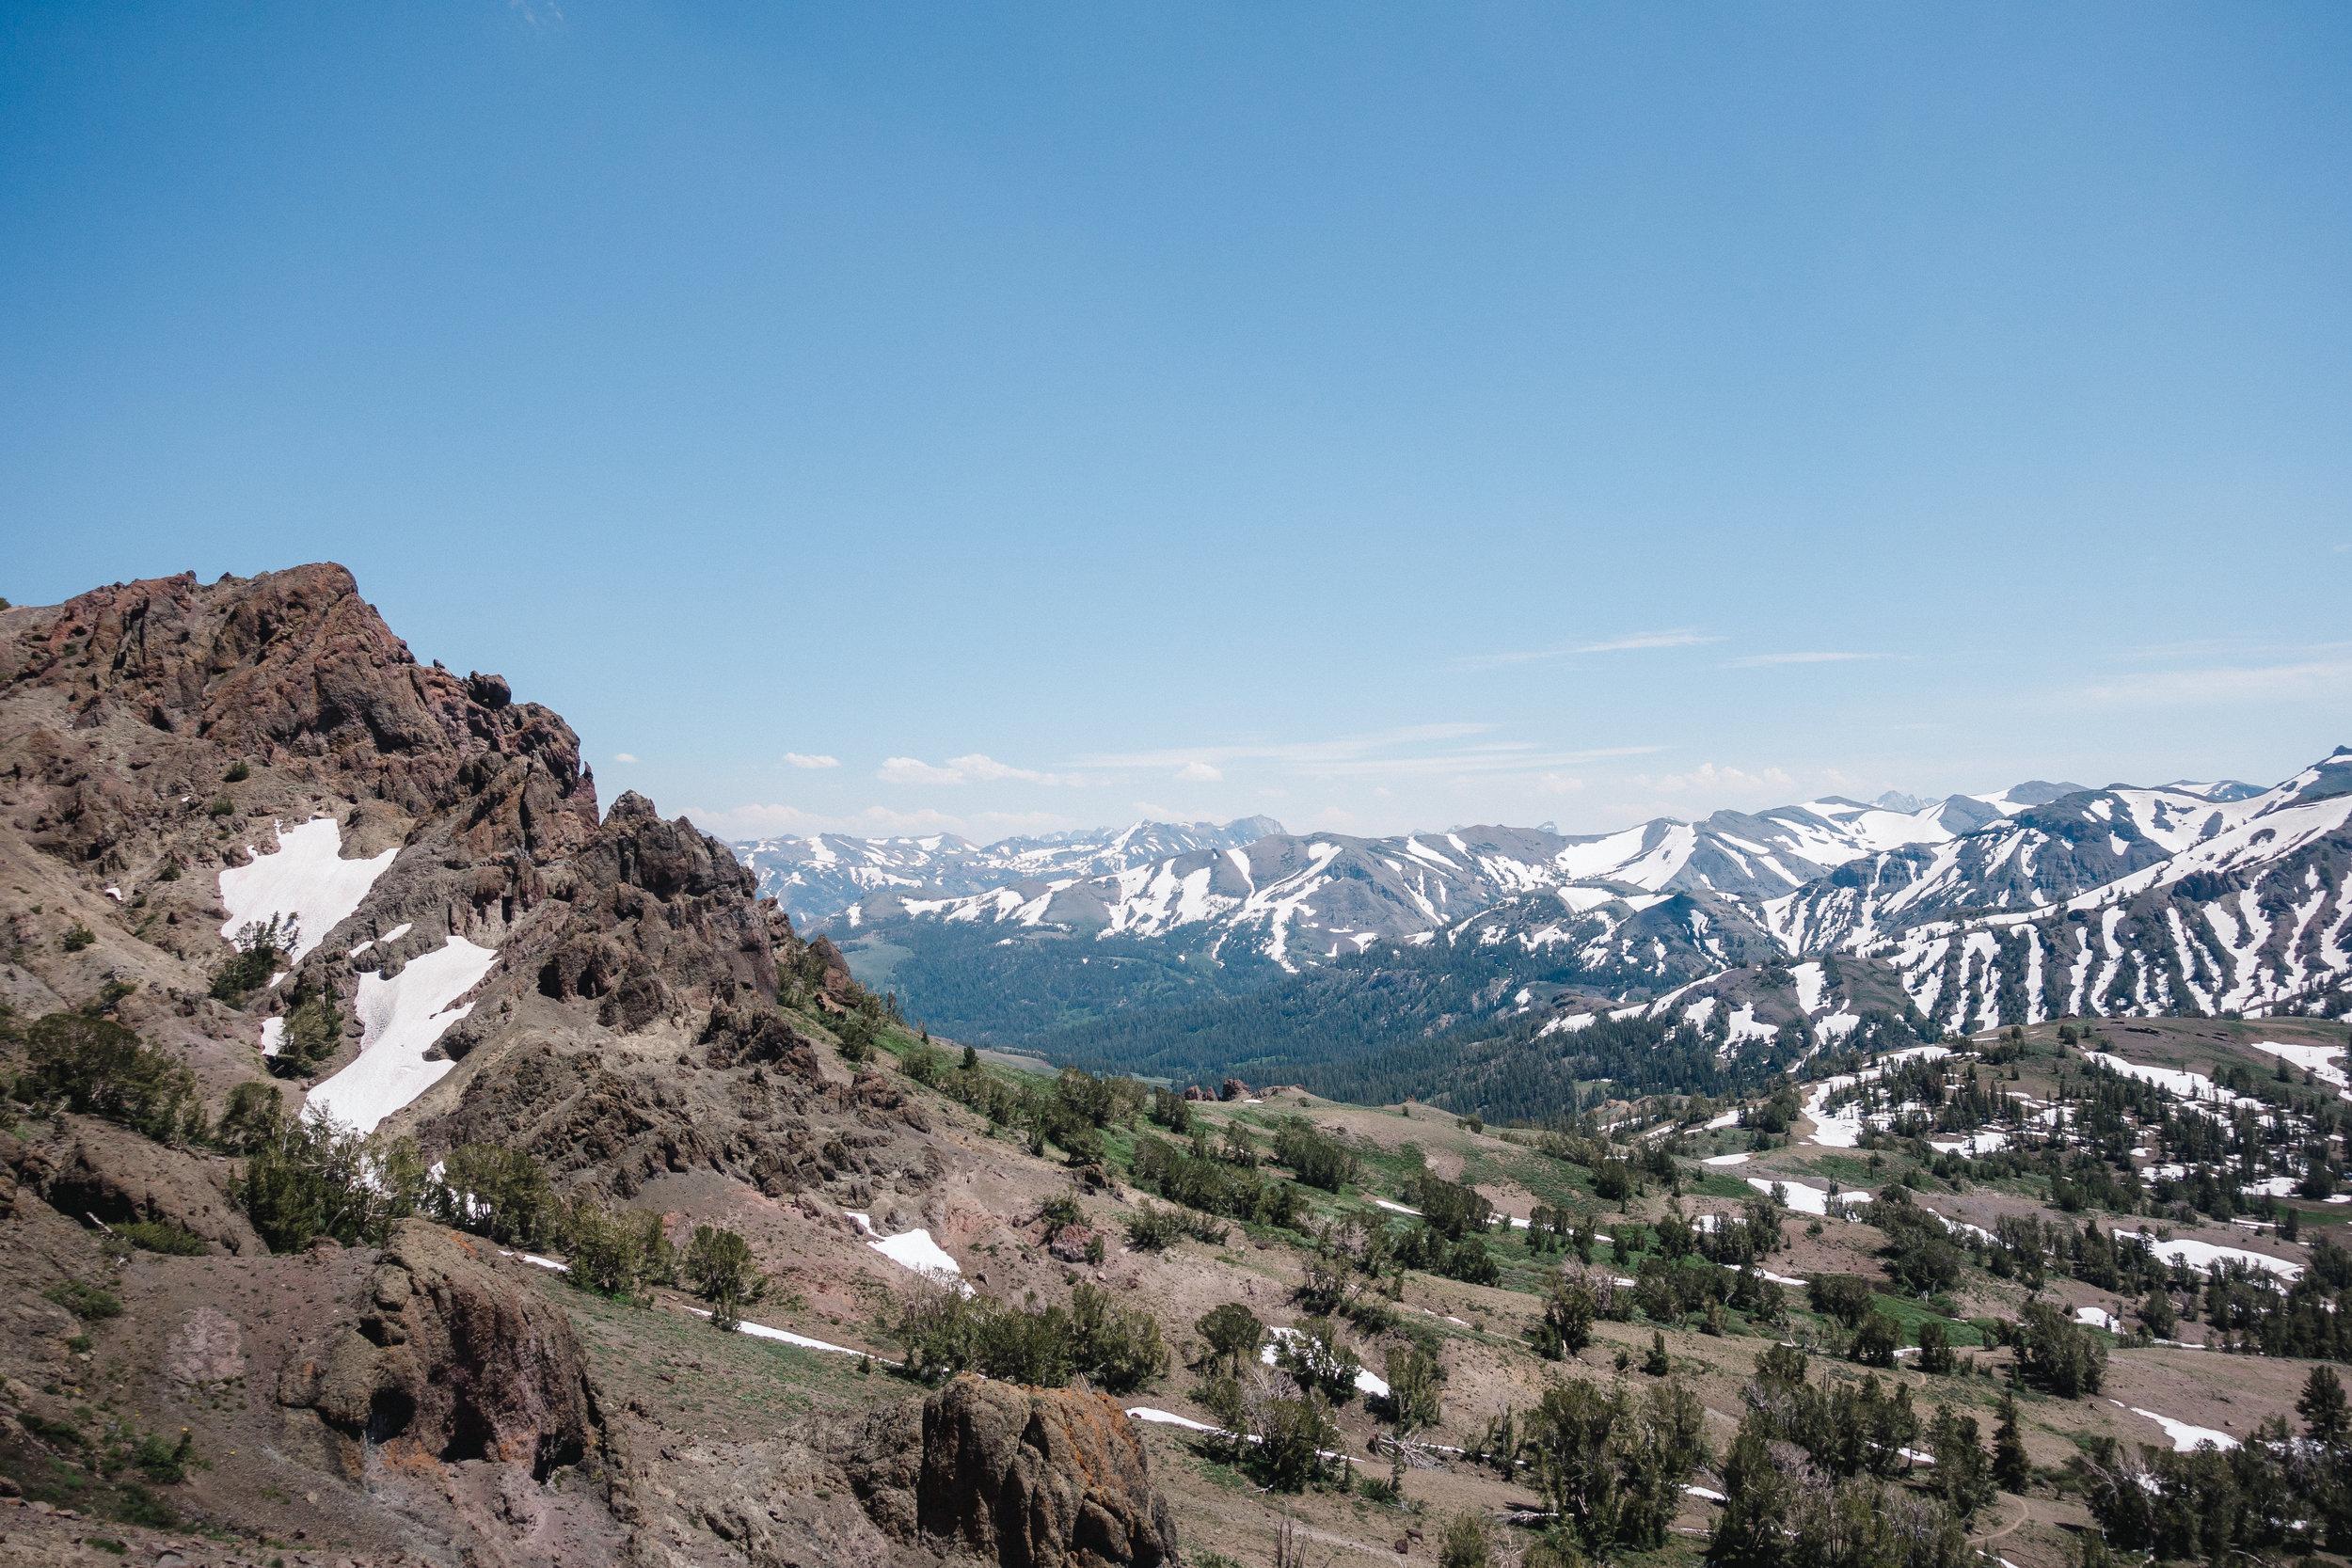 Looking back towards Sierra.